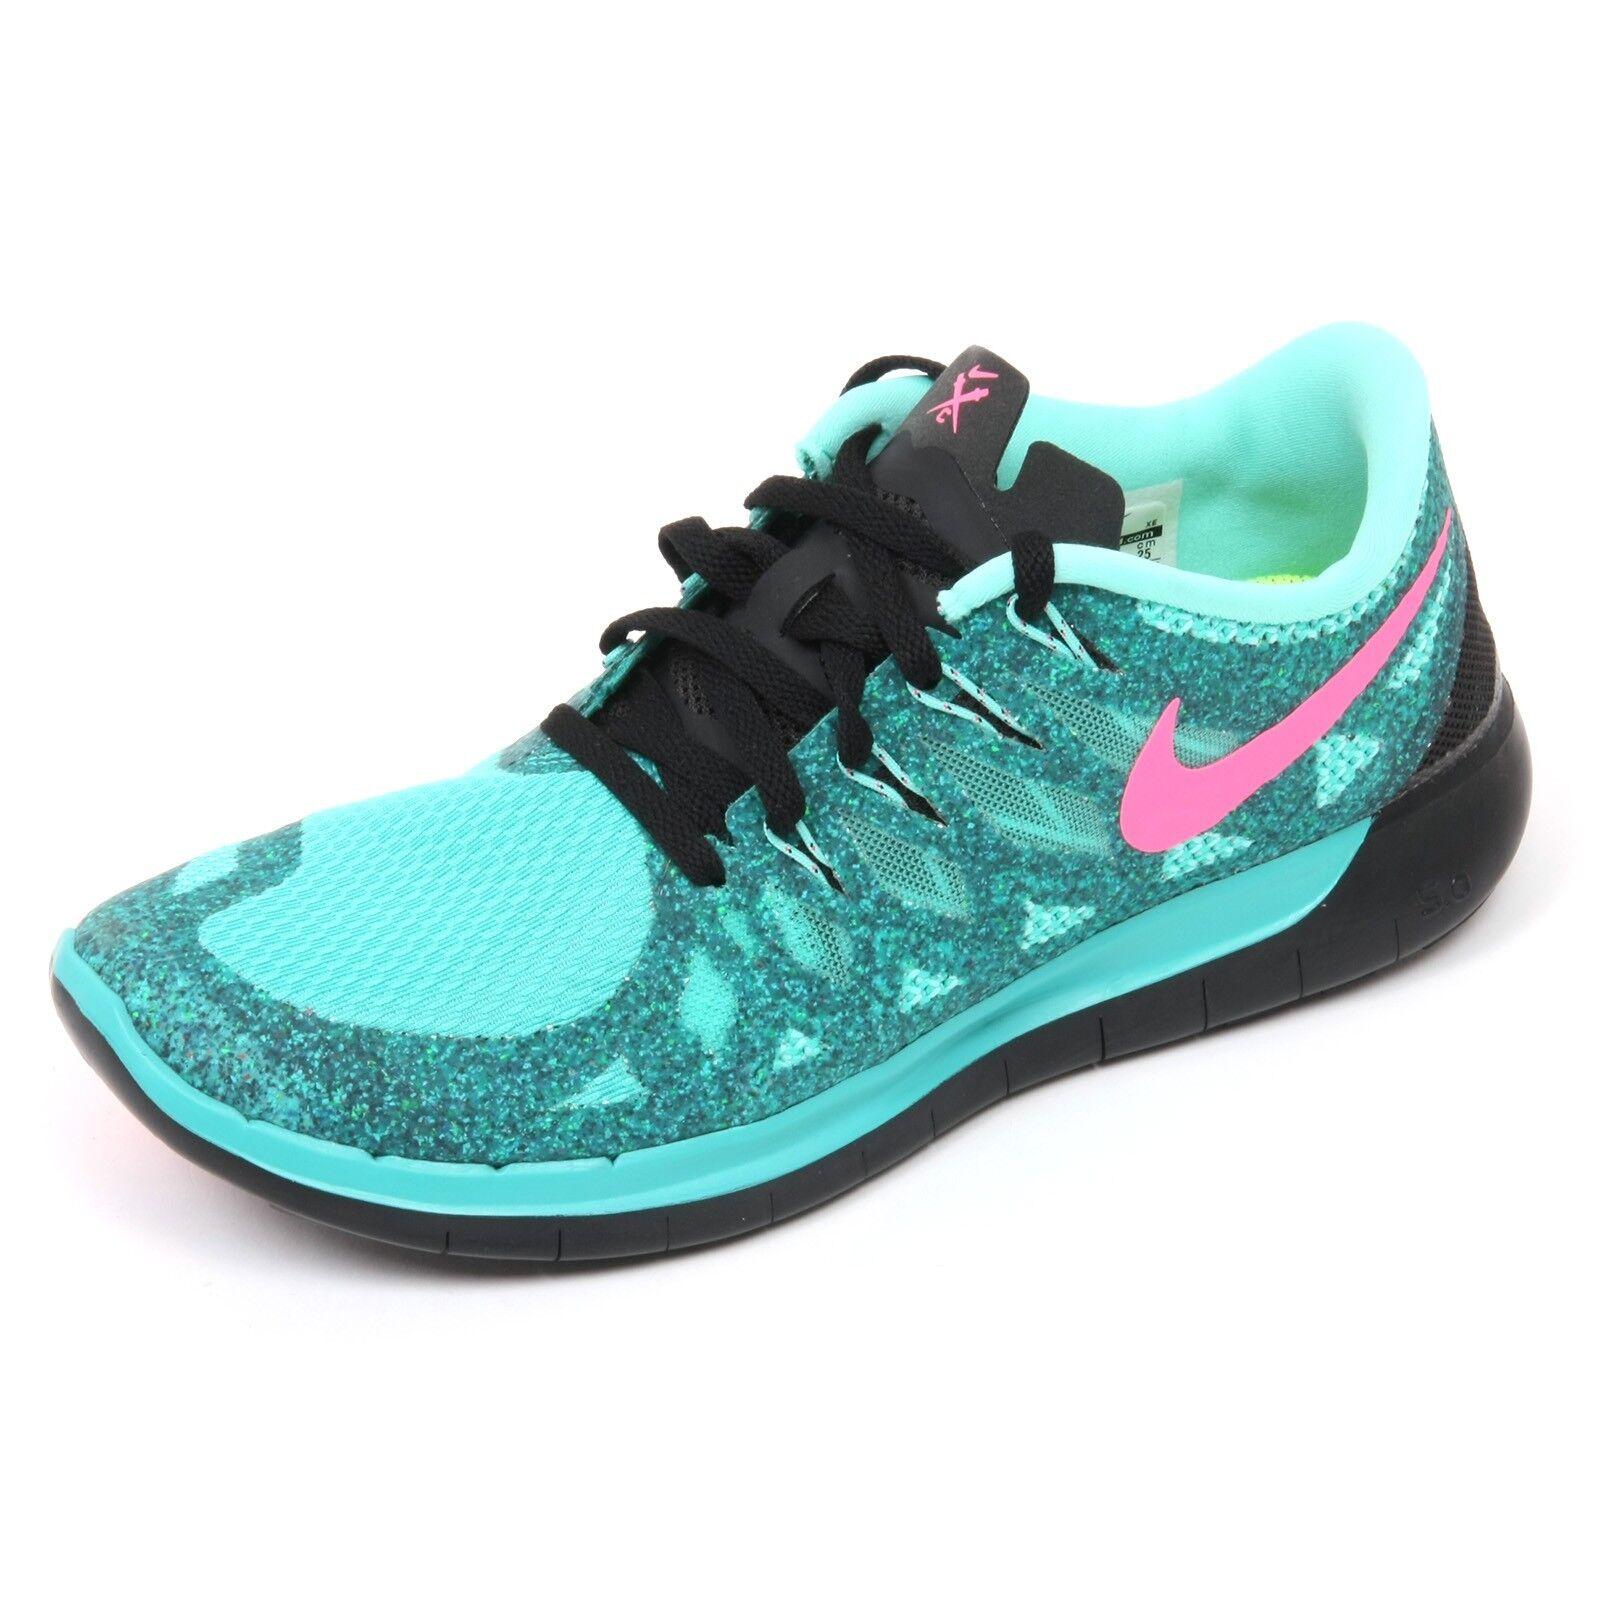 Zapatos promocionales para hombres y mujeres C5958 sneaker donna NIKE FREE 5.0 scarpa verde acqua/nero shoe woman